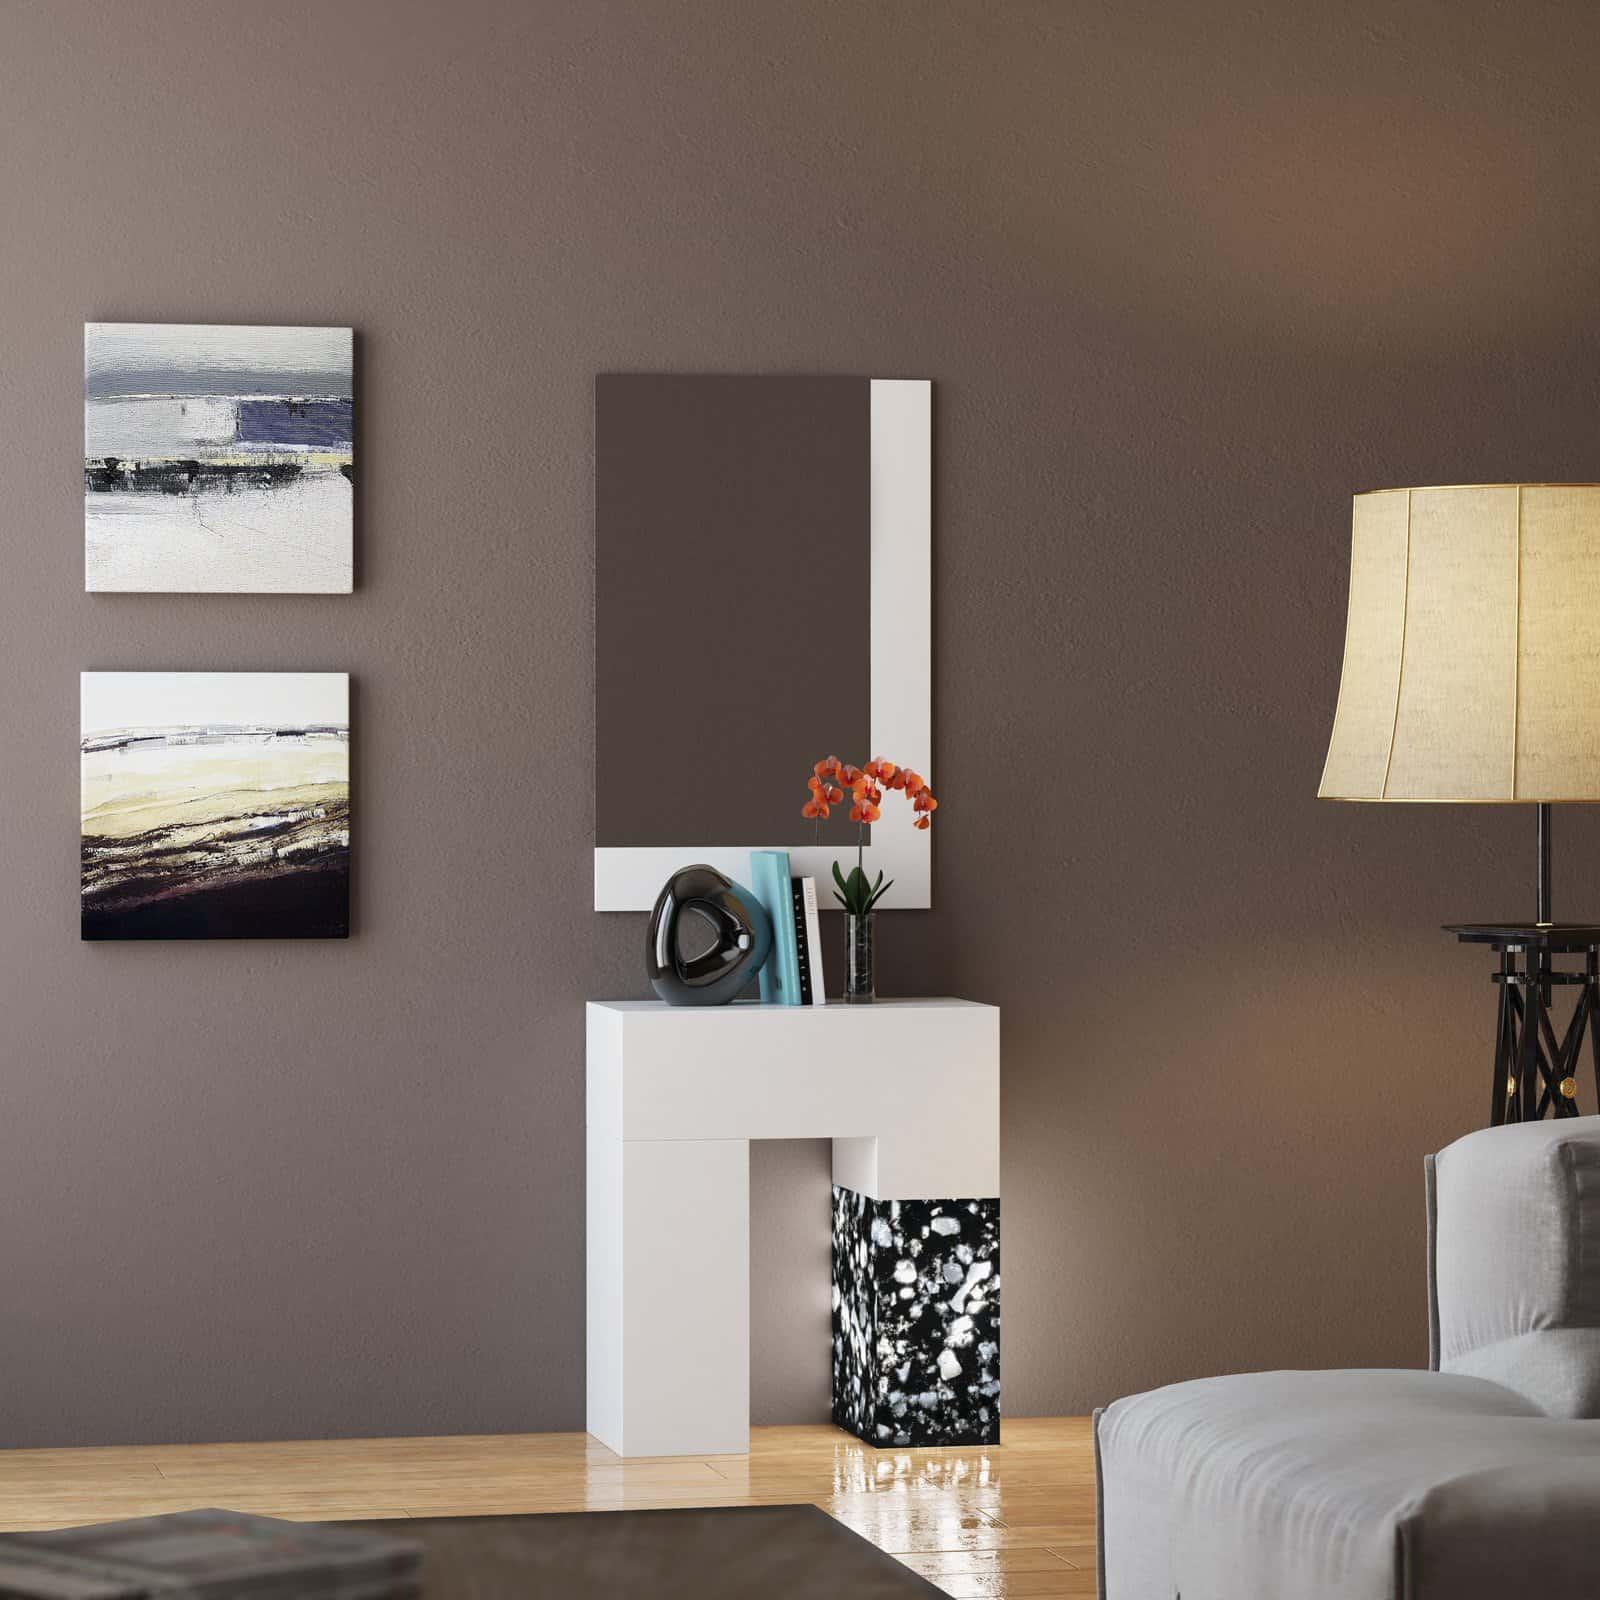 Recibidores Modernos Decoracion Moderno Decoracion Moderno  # Telas Para Muebles Zafra